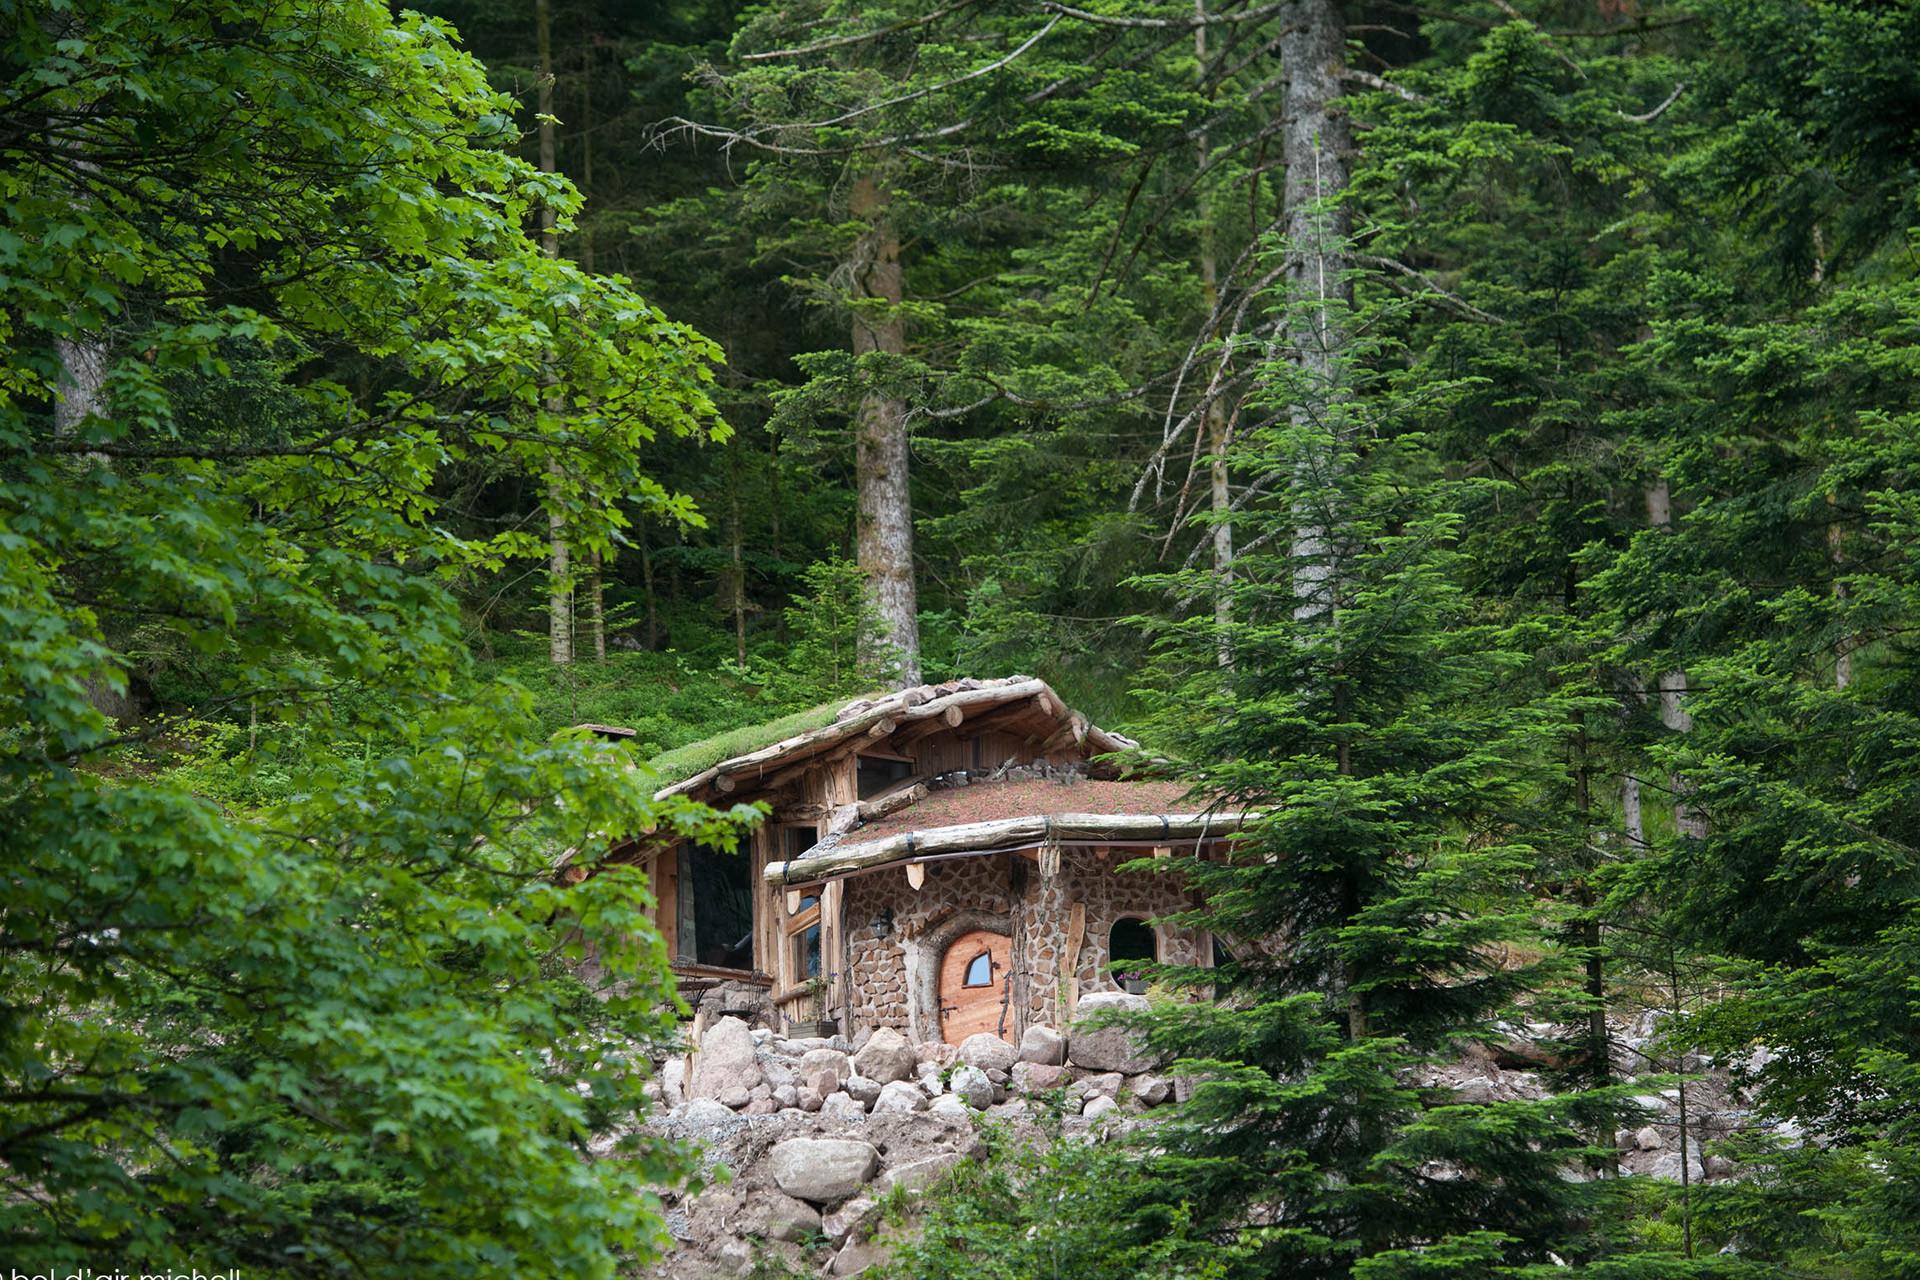 Hébergements insolites au cœur de la nature - Lorraine Tourisme